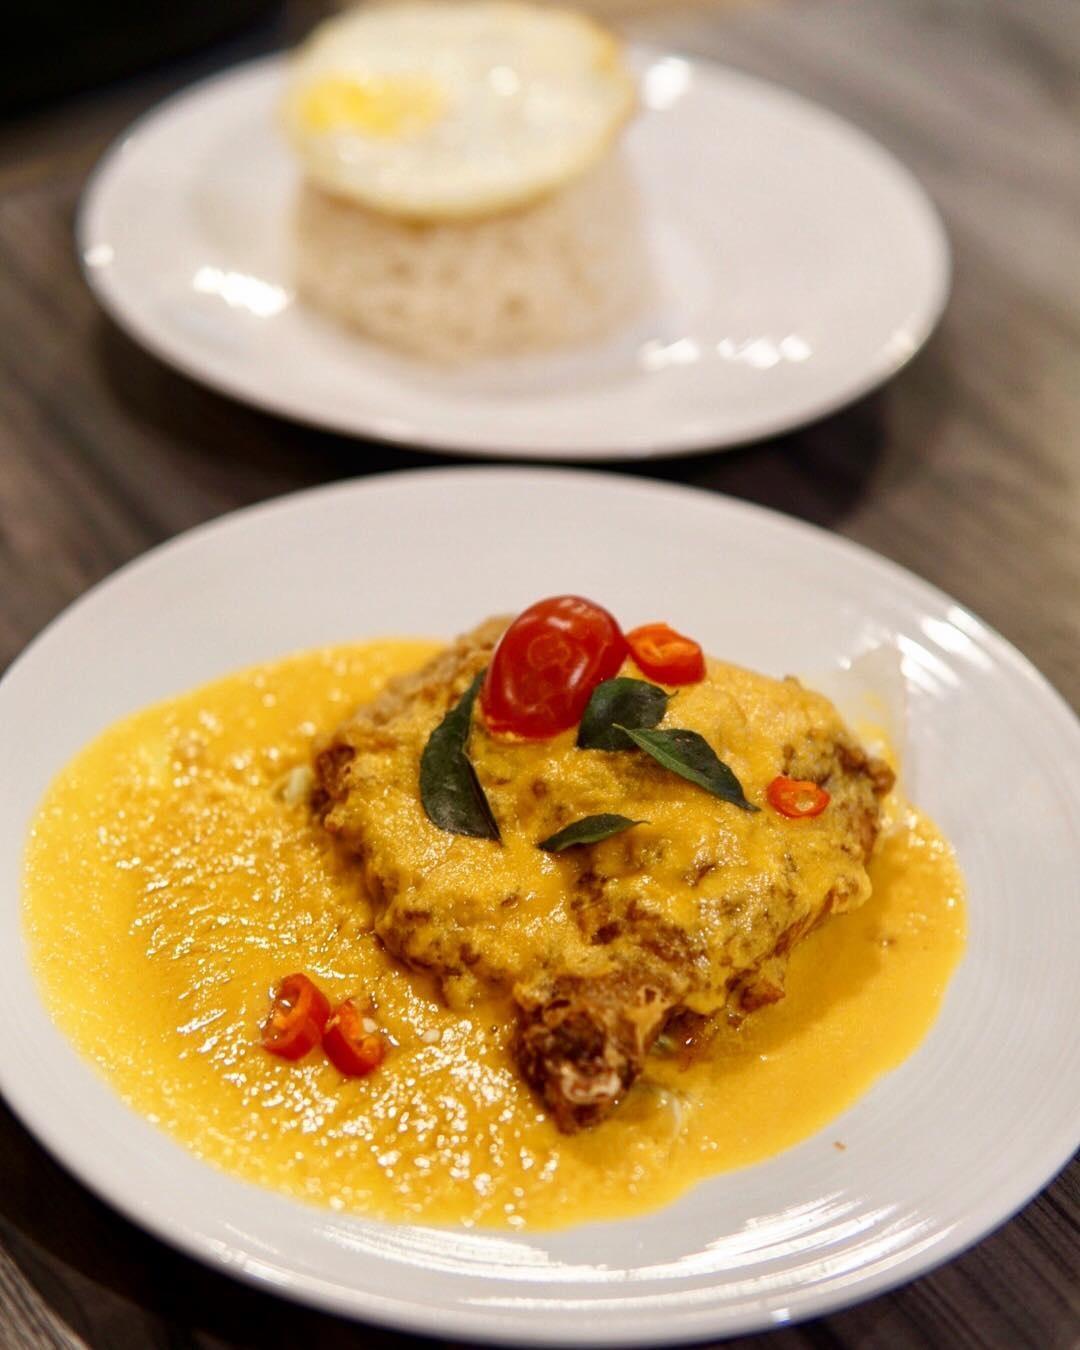 Bedok Food - Super Bistro